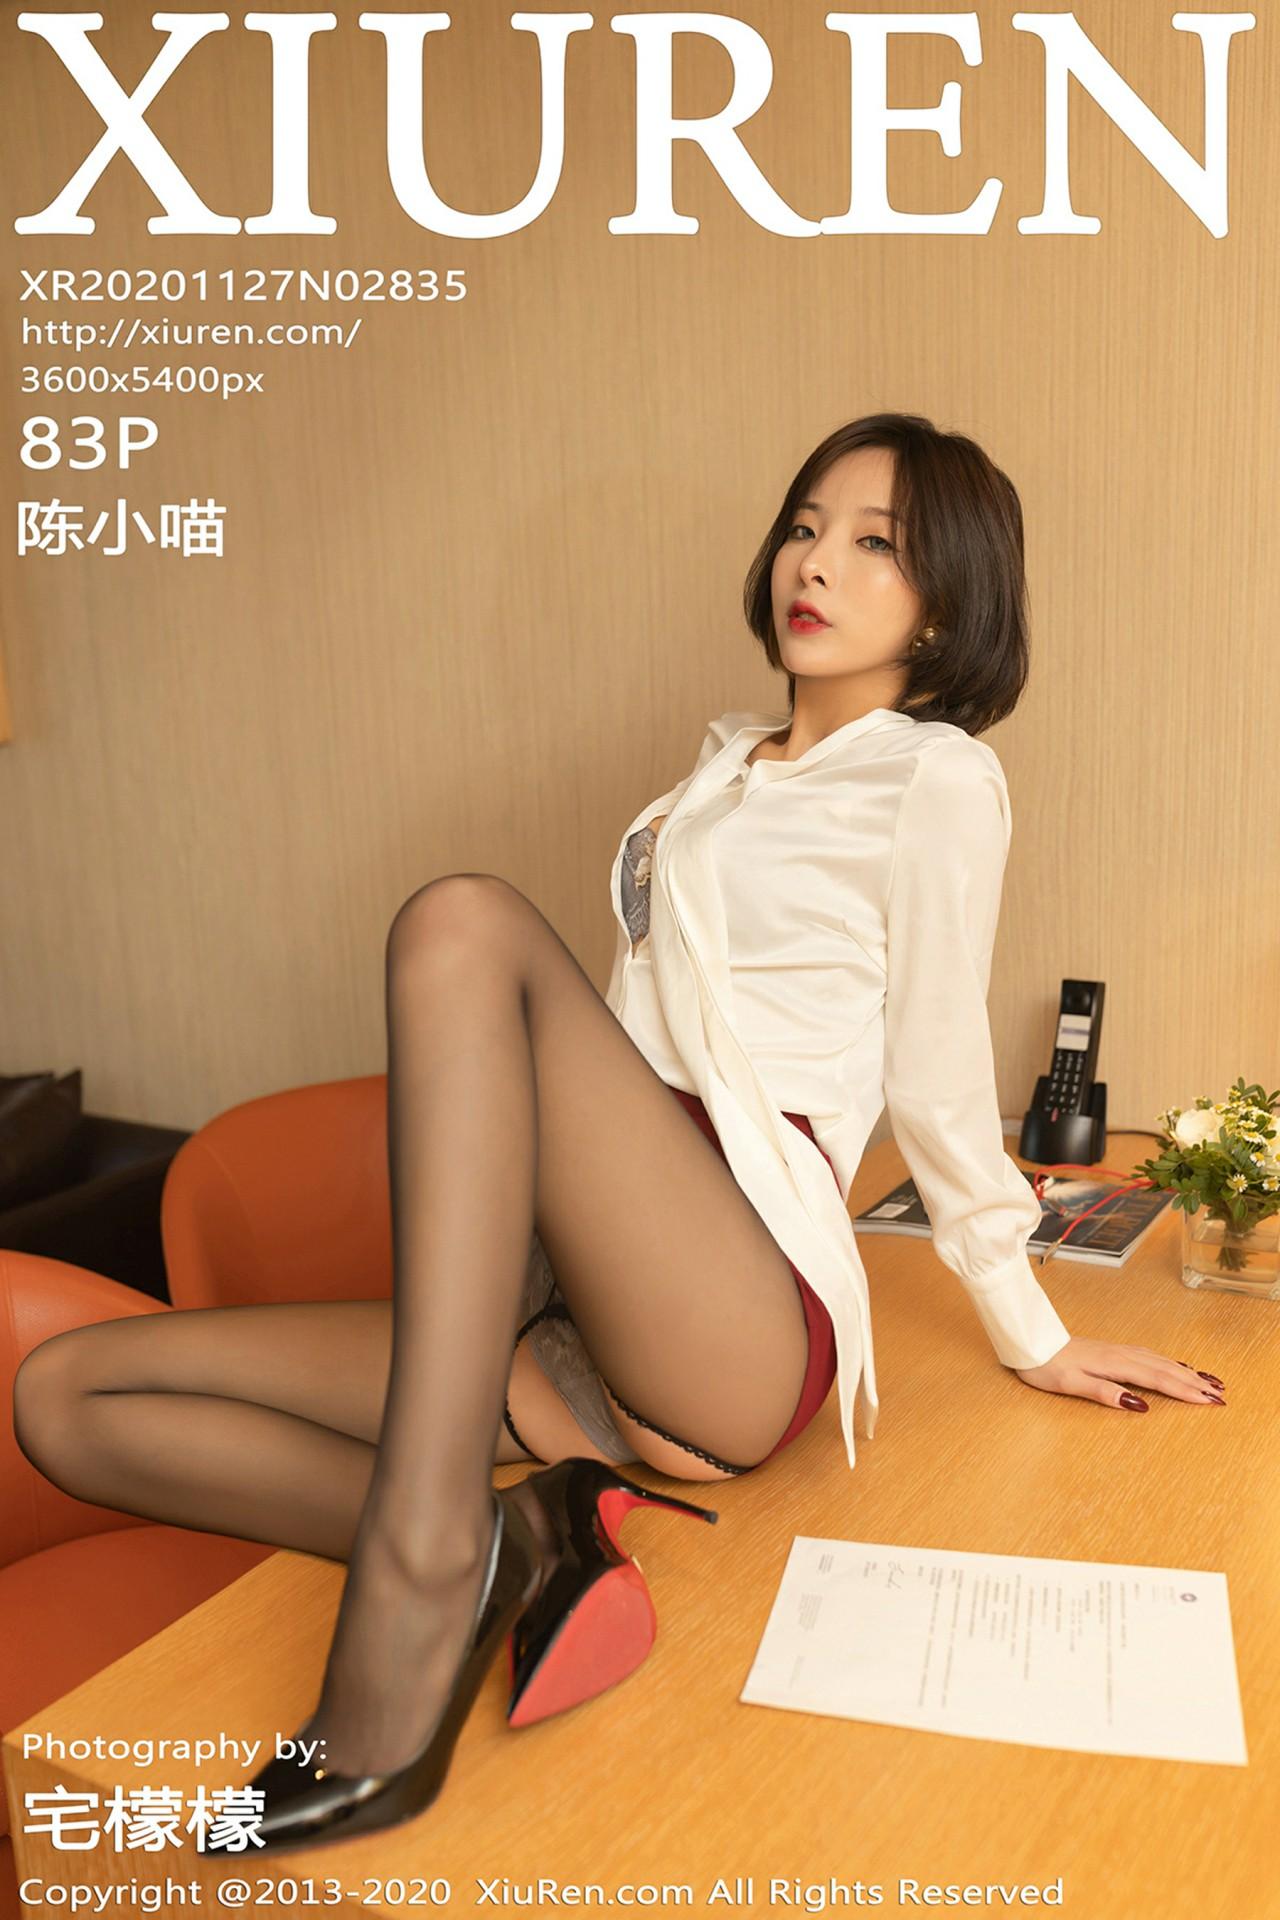 [XiuRen秀人网] 2020.11.27 No.2835 陈小喵 第1张